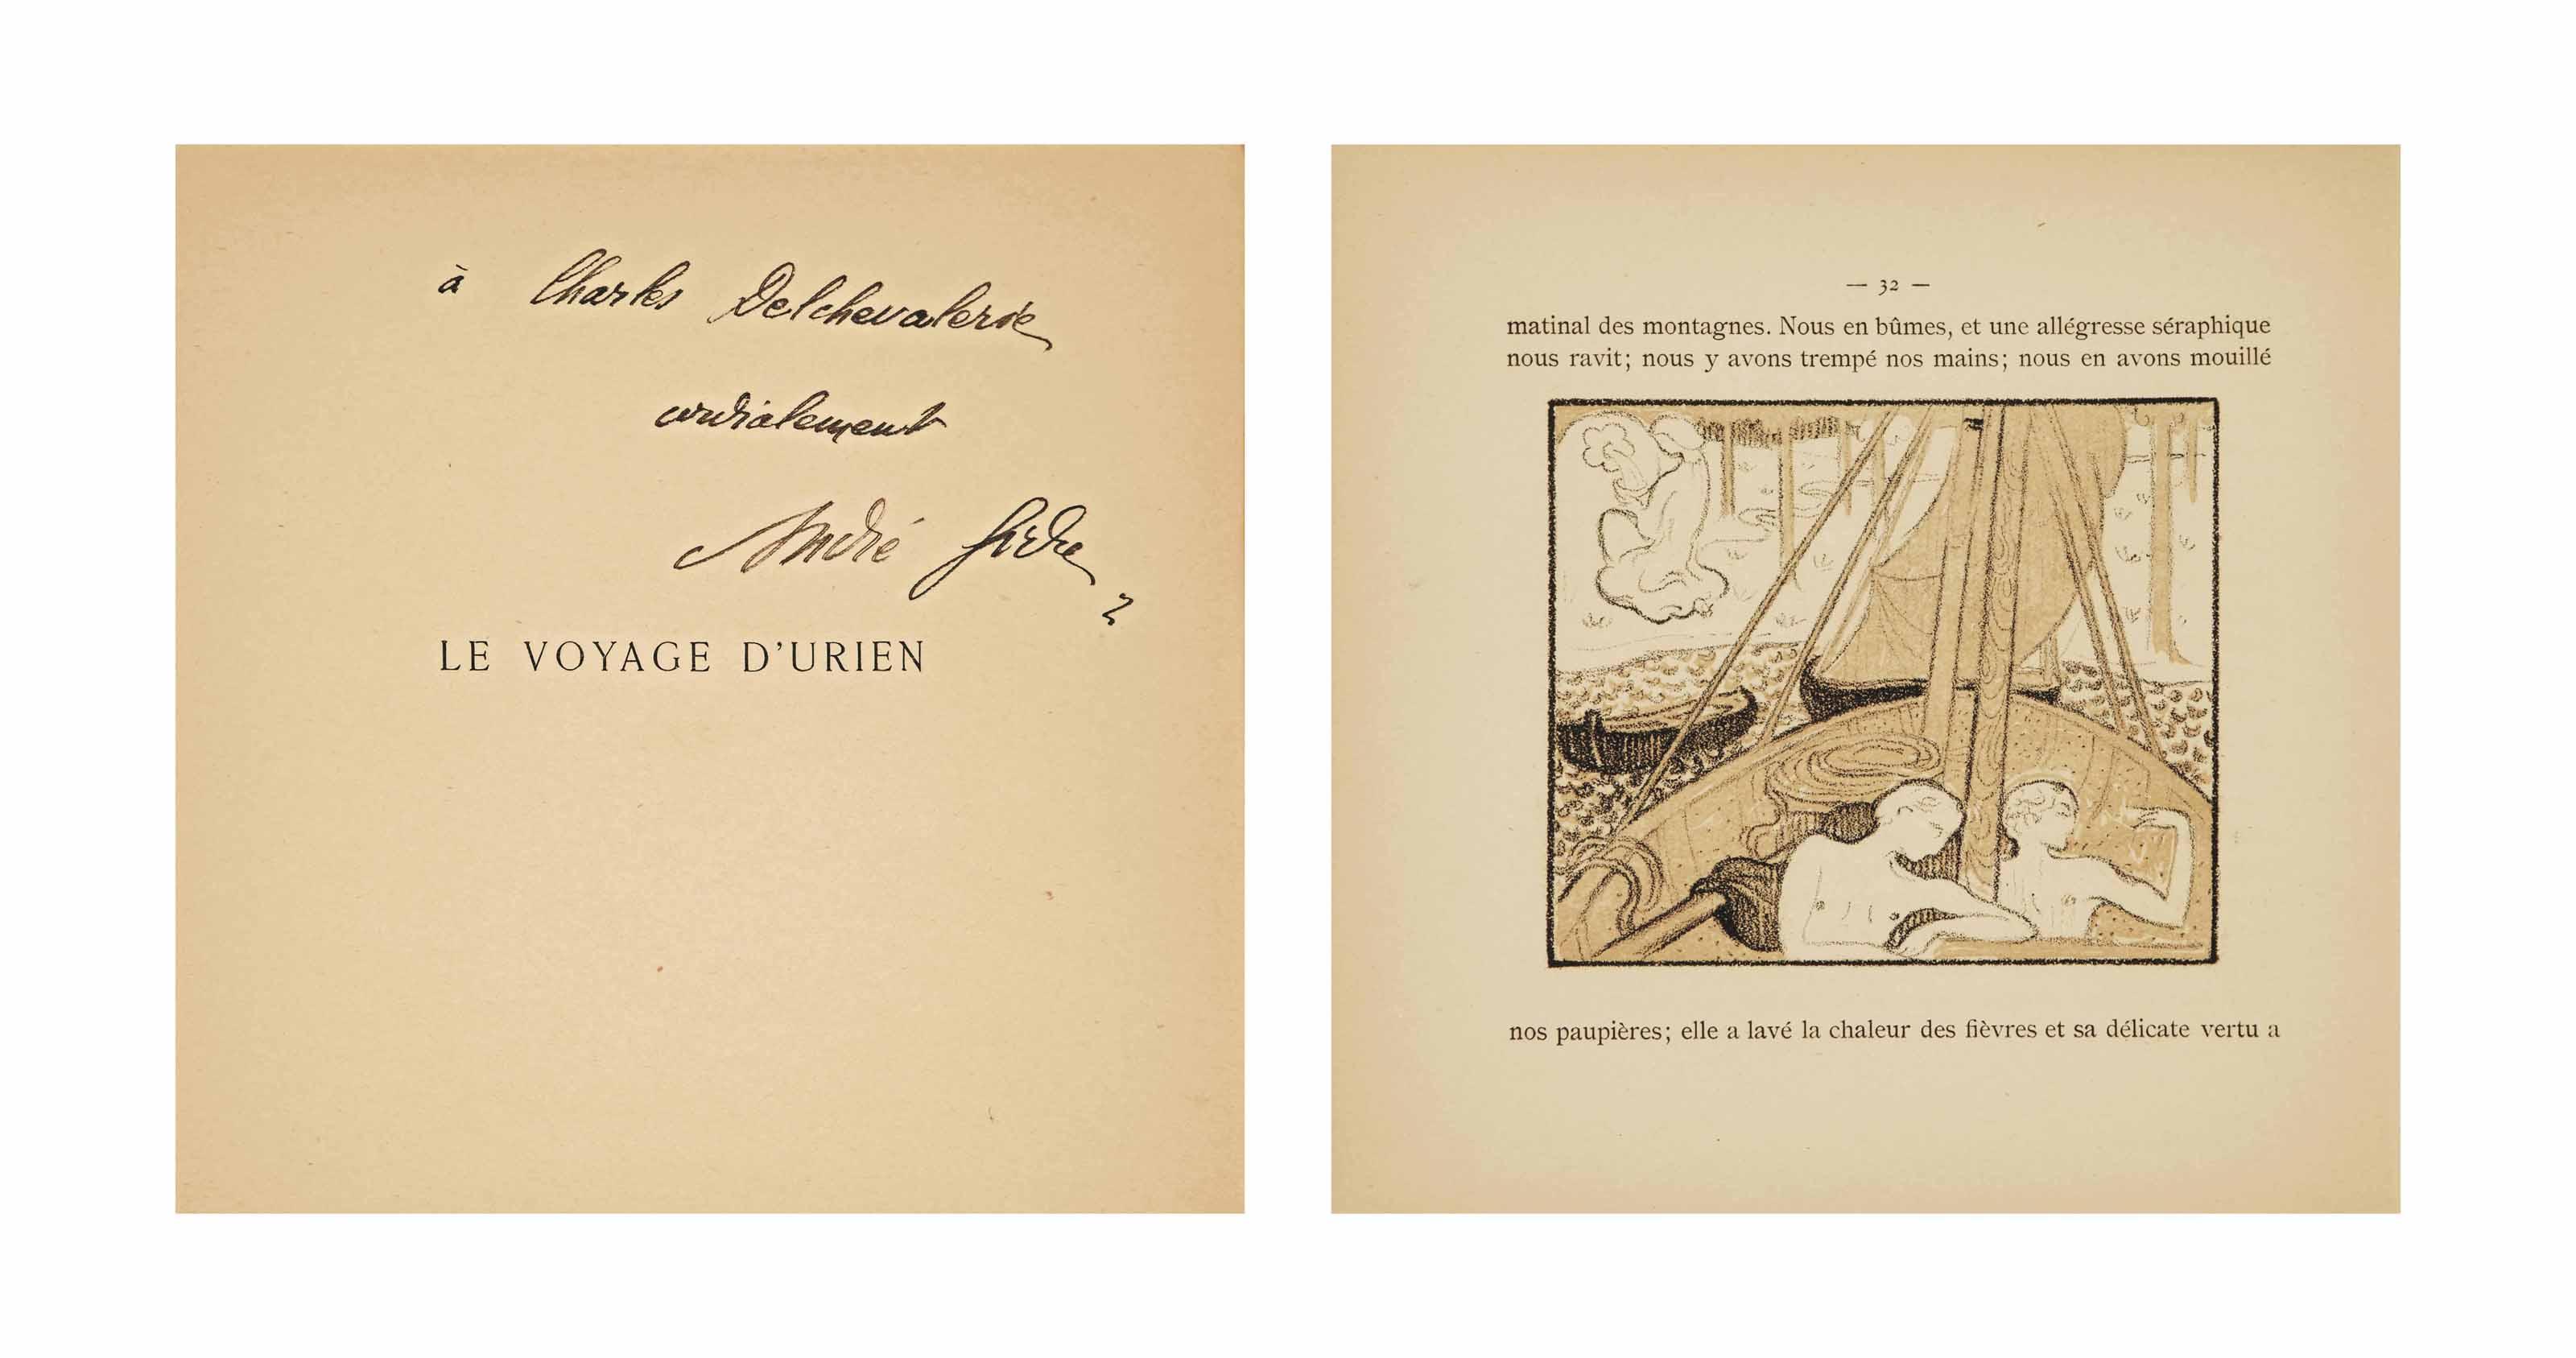 [DENIS] -- GIDE, André (1869-1951). Le Voyage d'Urien. Paris: Librairie de l'Art indépendant, 1893. In-8 carré (200 x 190 mm). Un bois sur la couverture et 30 lithographies originales en camaïeu de Maurice Denis, dont 2 à pleine page. Broché.